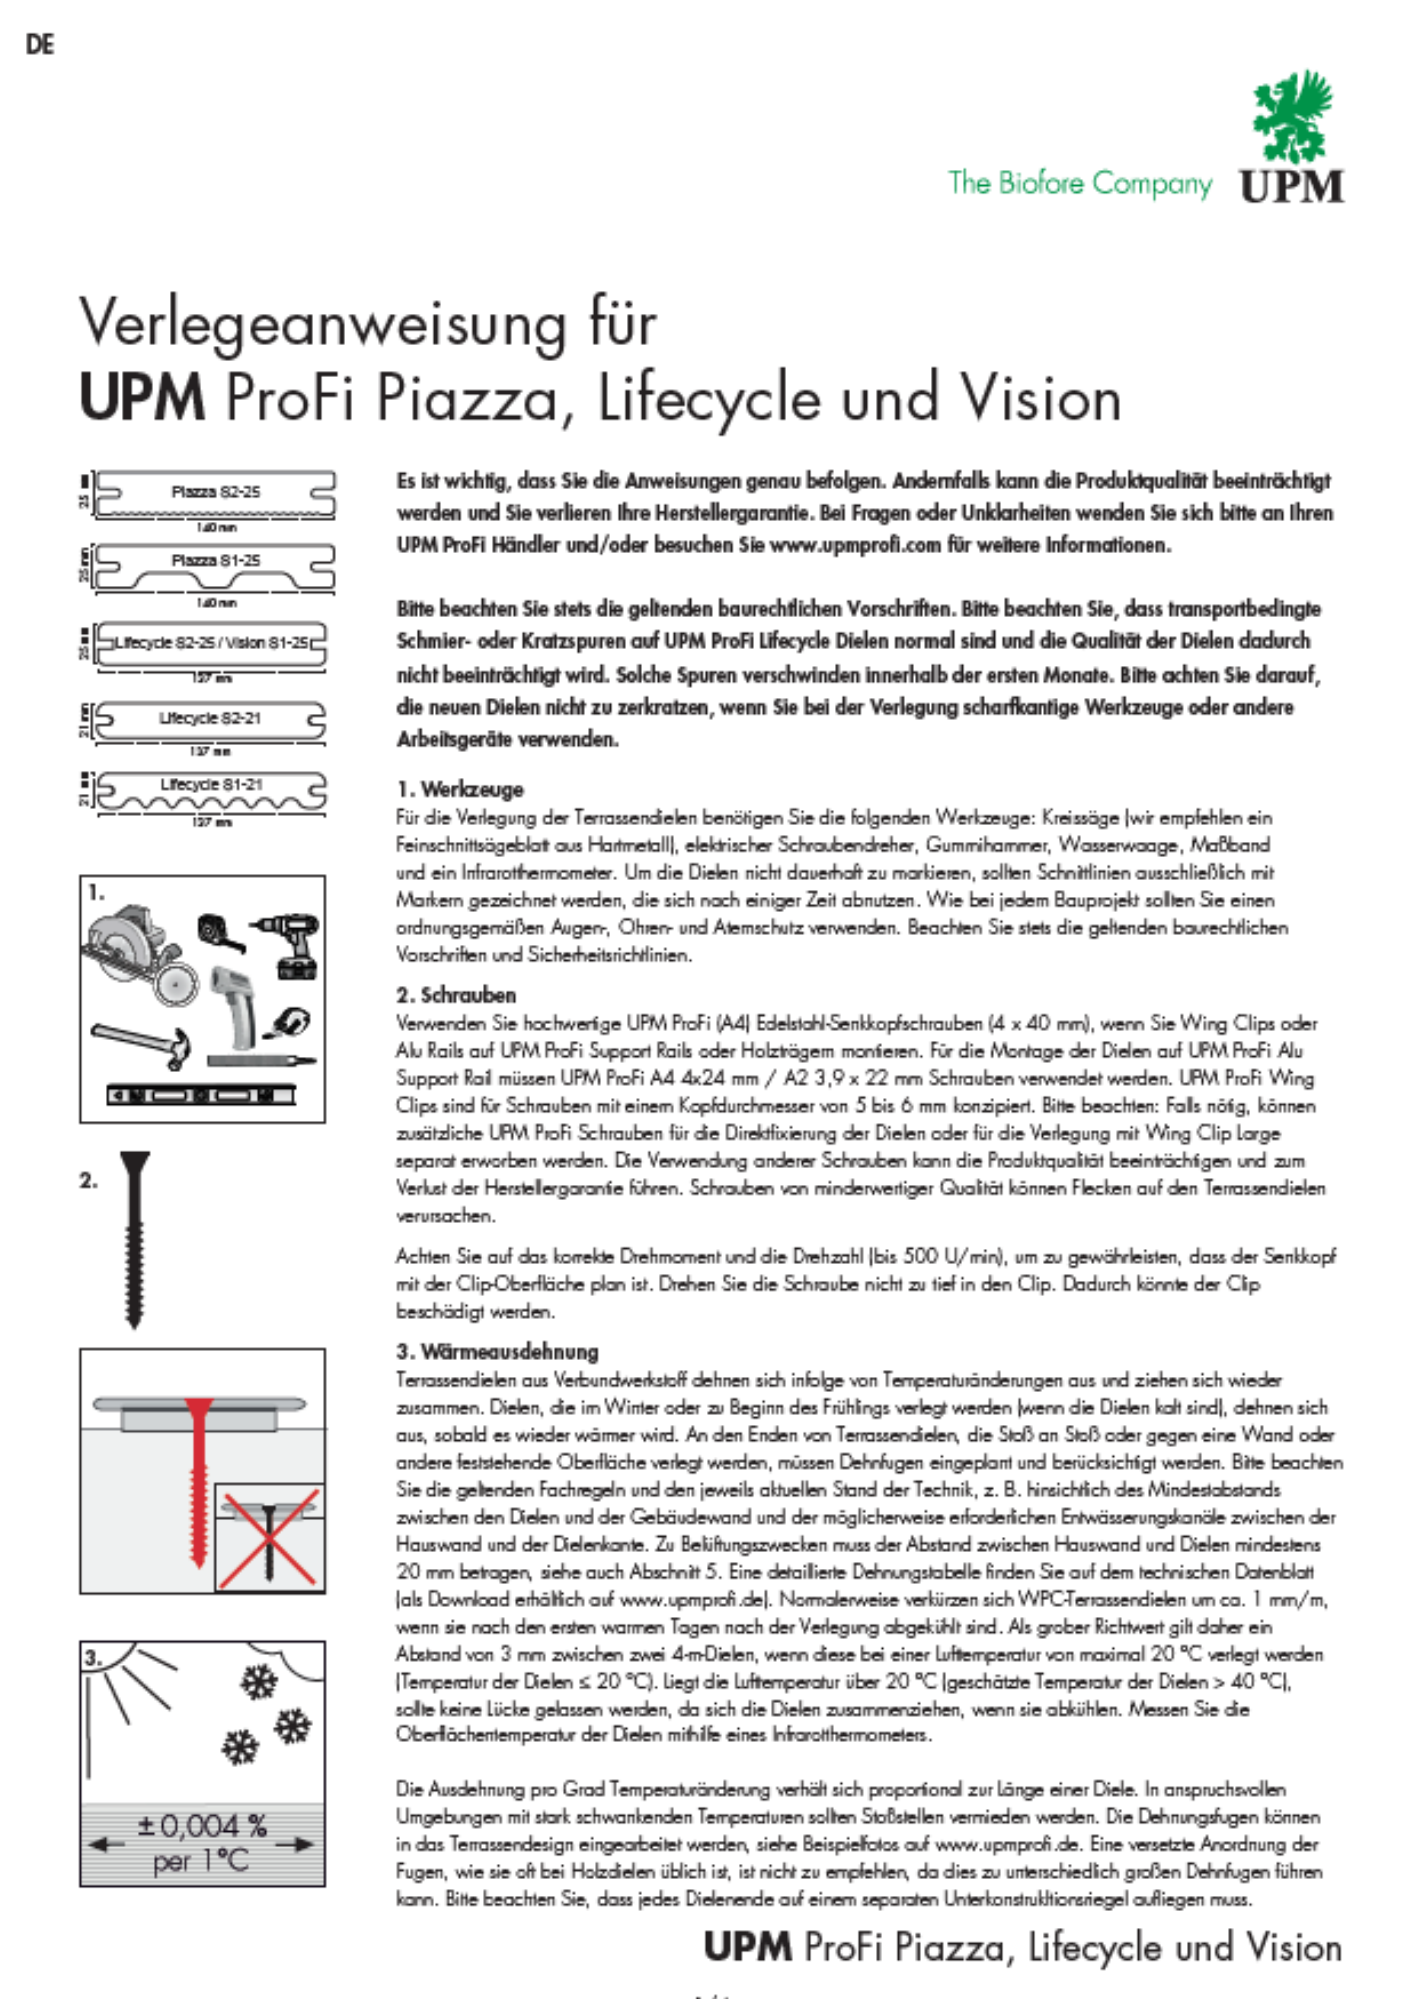 UPM Profi Piazza kivitelezési, lerakási útmutató